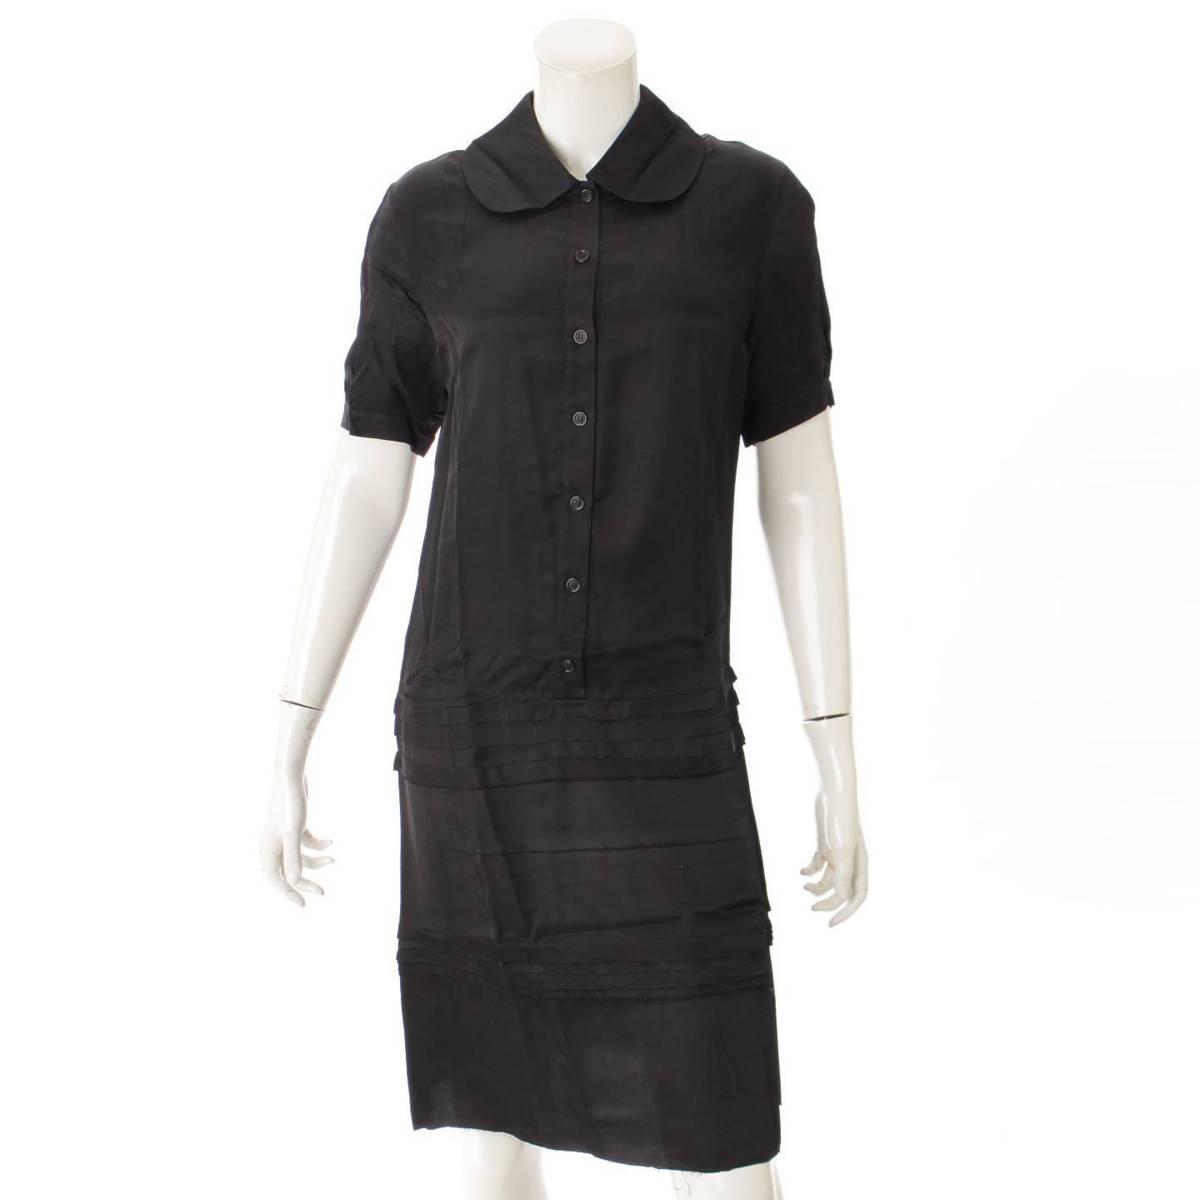 【セリーヌ】Celine 半袖 ボタン ワンピース ドレス ブラック 36 【中古】【鑑定済・正規品保証】85752